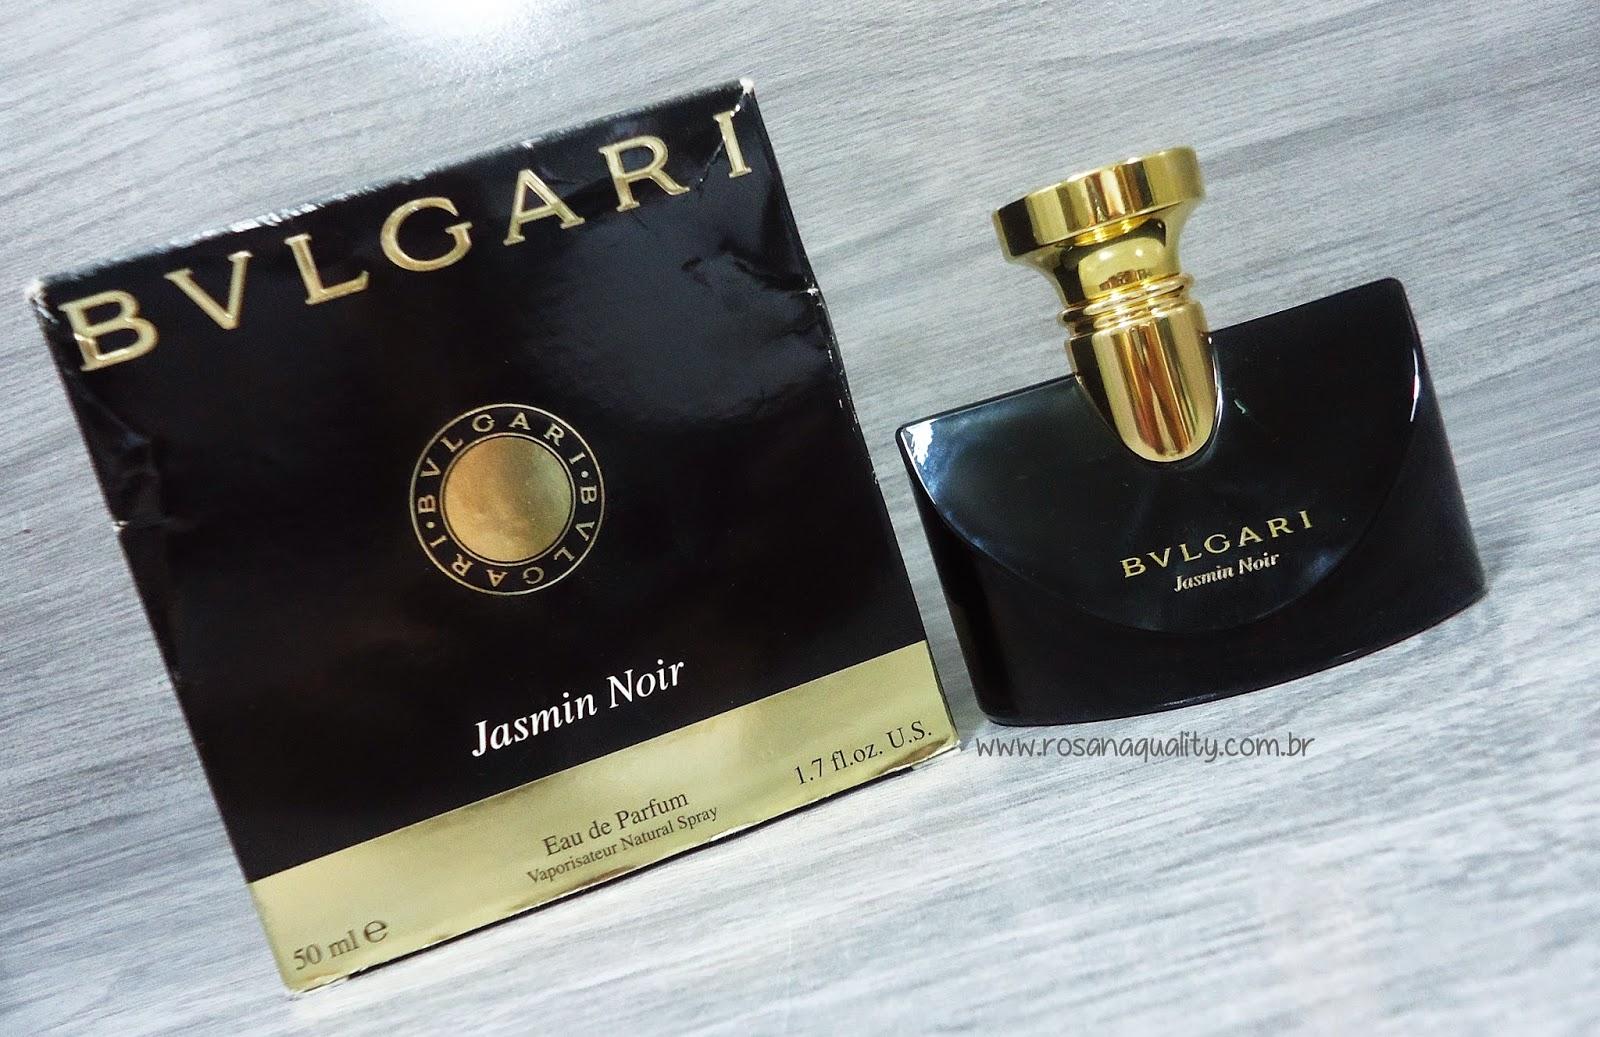 Jasmin Noir Bvlgari